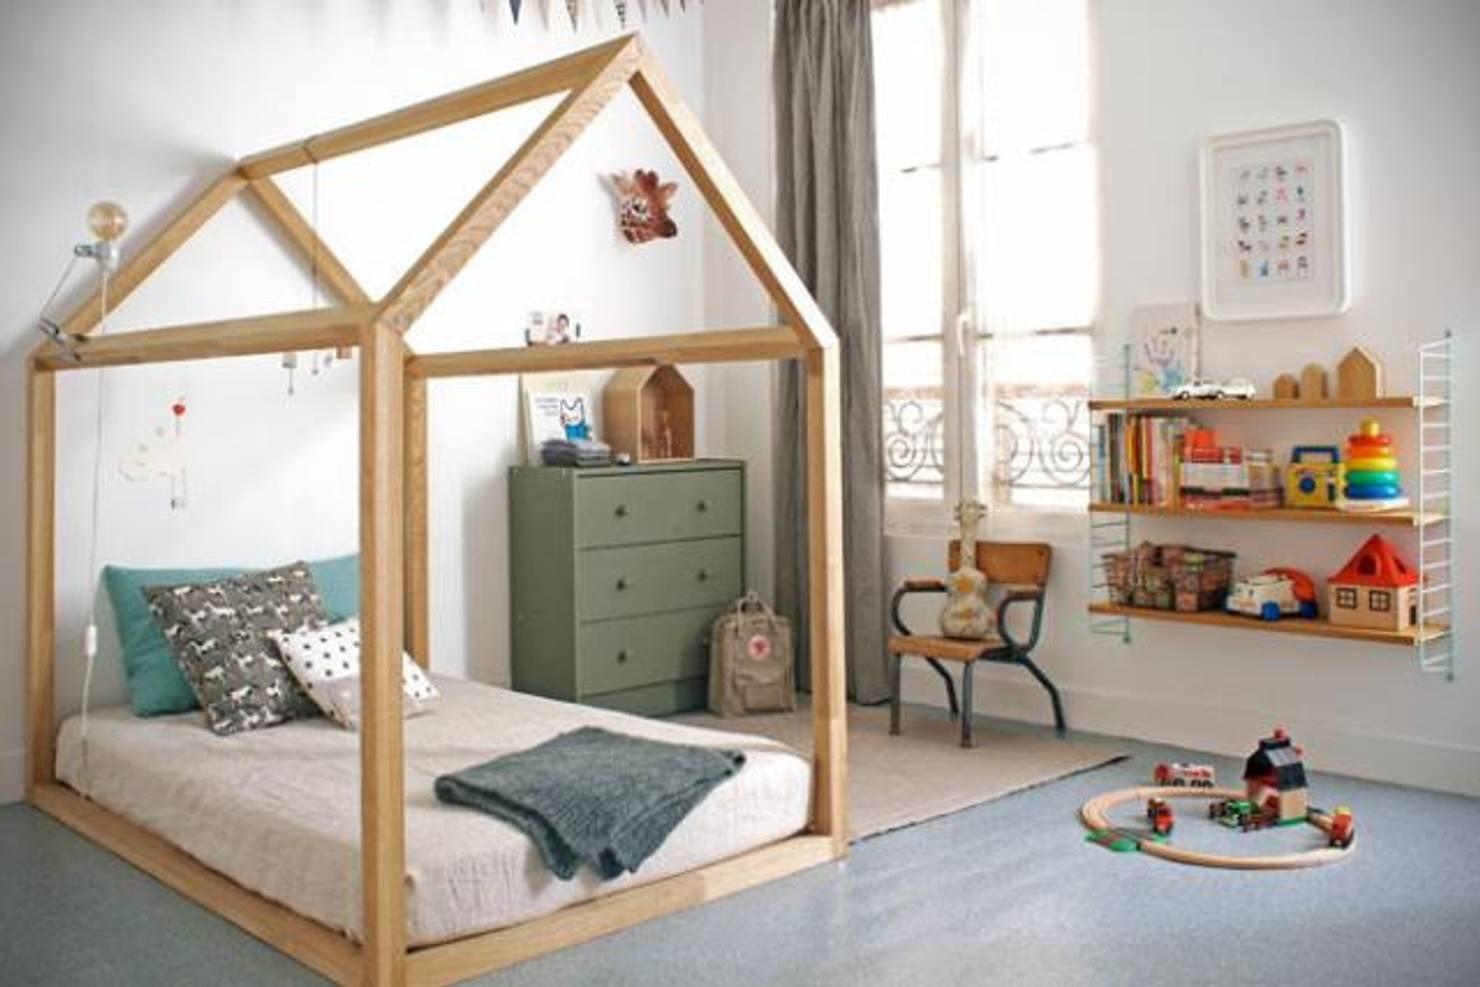 24 ideias de camas criativas e econômicas para crianças e adolescentes